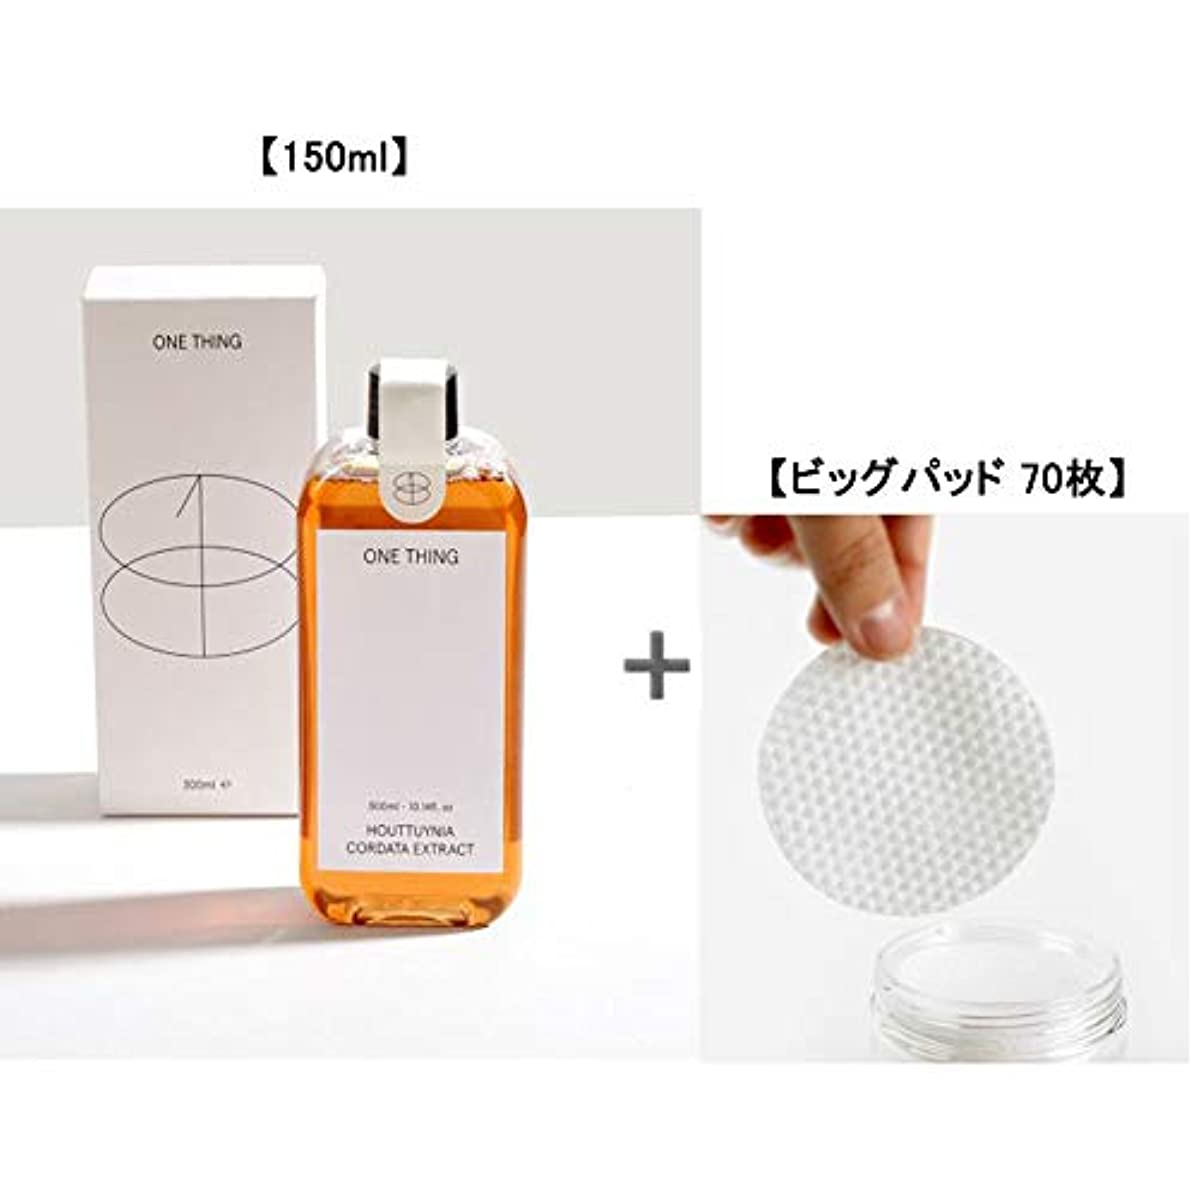 古代日常的に二十[ウォンシン]ドクダミエキス原液 150ml /トラブル性肌、頭皮ケアに効果的/化粧品に混ぜて使用可能[並行輸入品] (ドクダミ 原液 150ml + ビッグパッド 70枚)